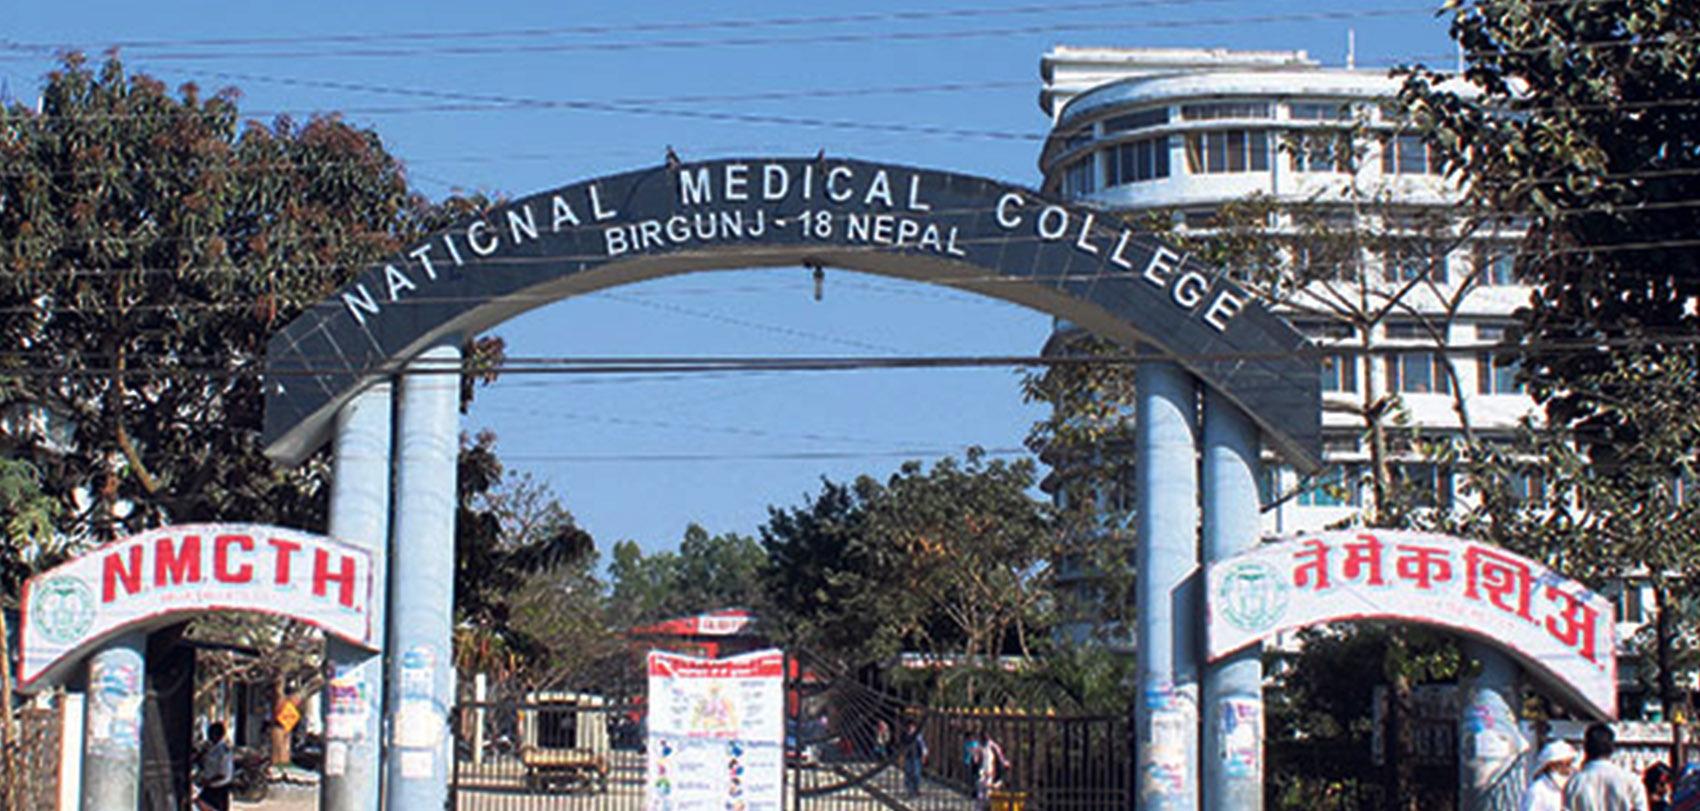 मेडिकल कलेजको कर्तुत पर्दाफास, विद्यार्थीसँग ब्याजसमेत असुली